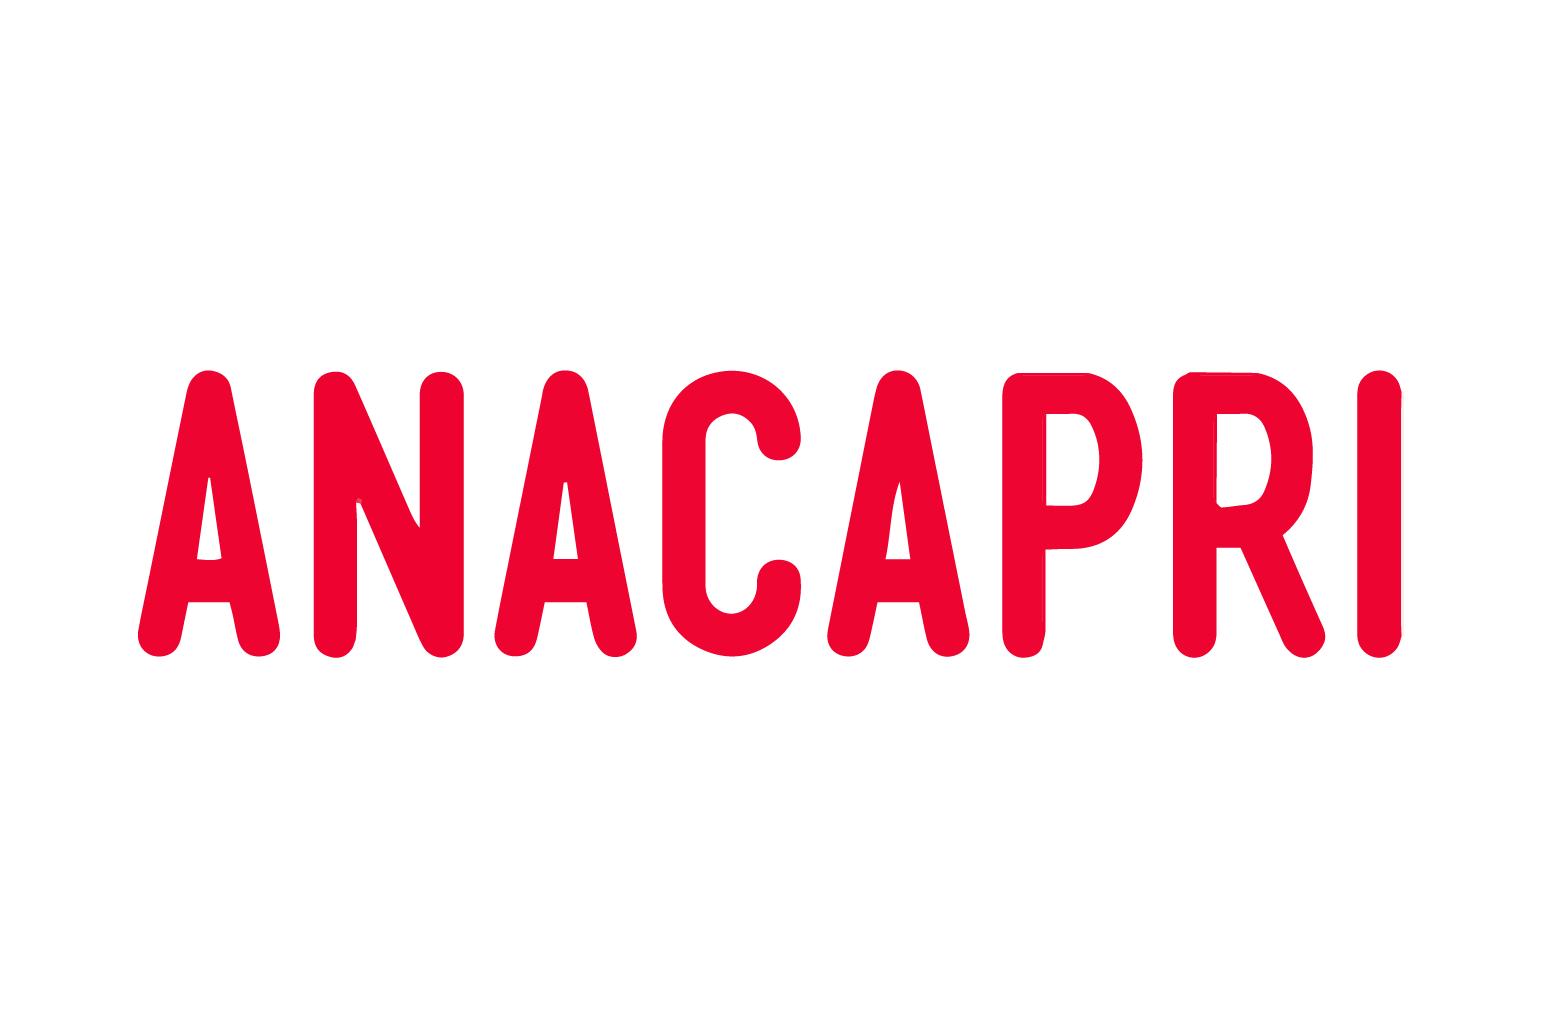 Logos_ANACAPRI.png